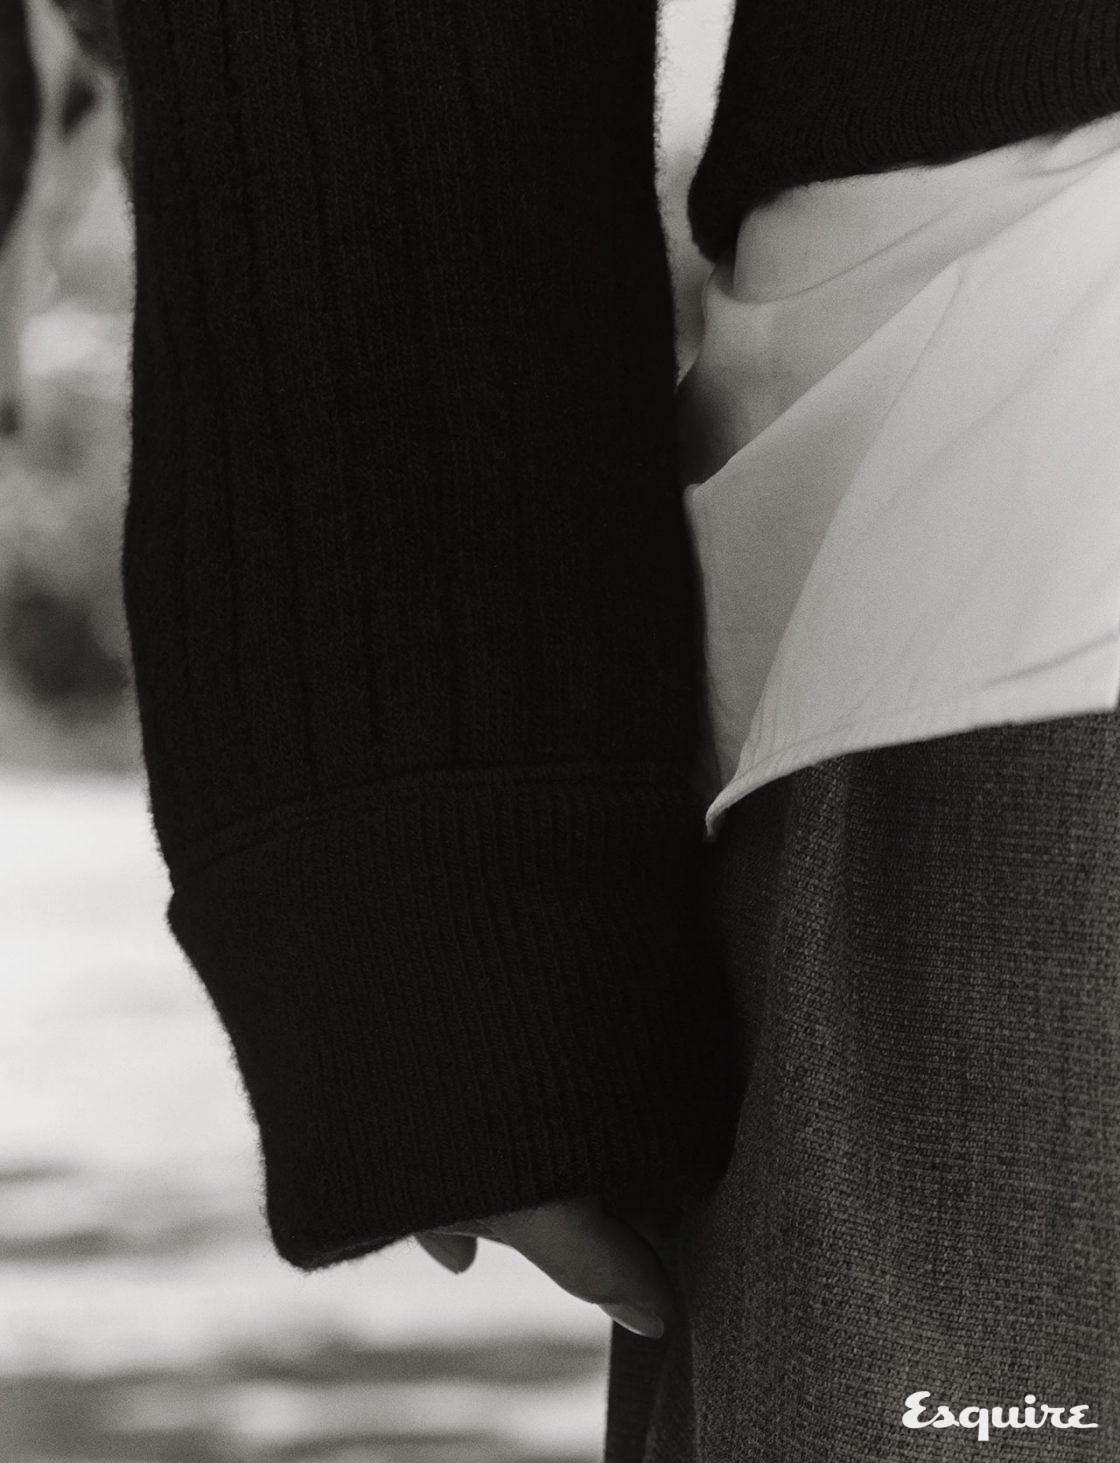 니트, 셔츠, 바지 모두 가격 미정 루이비통.